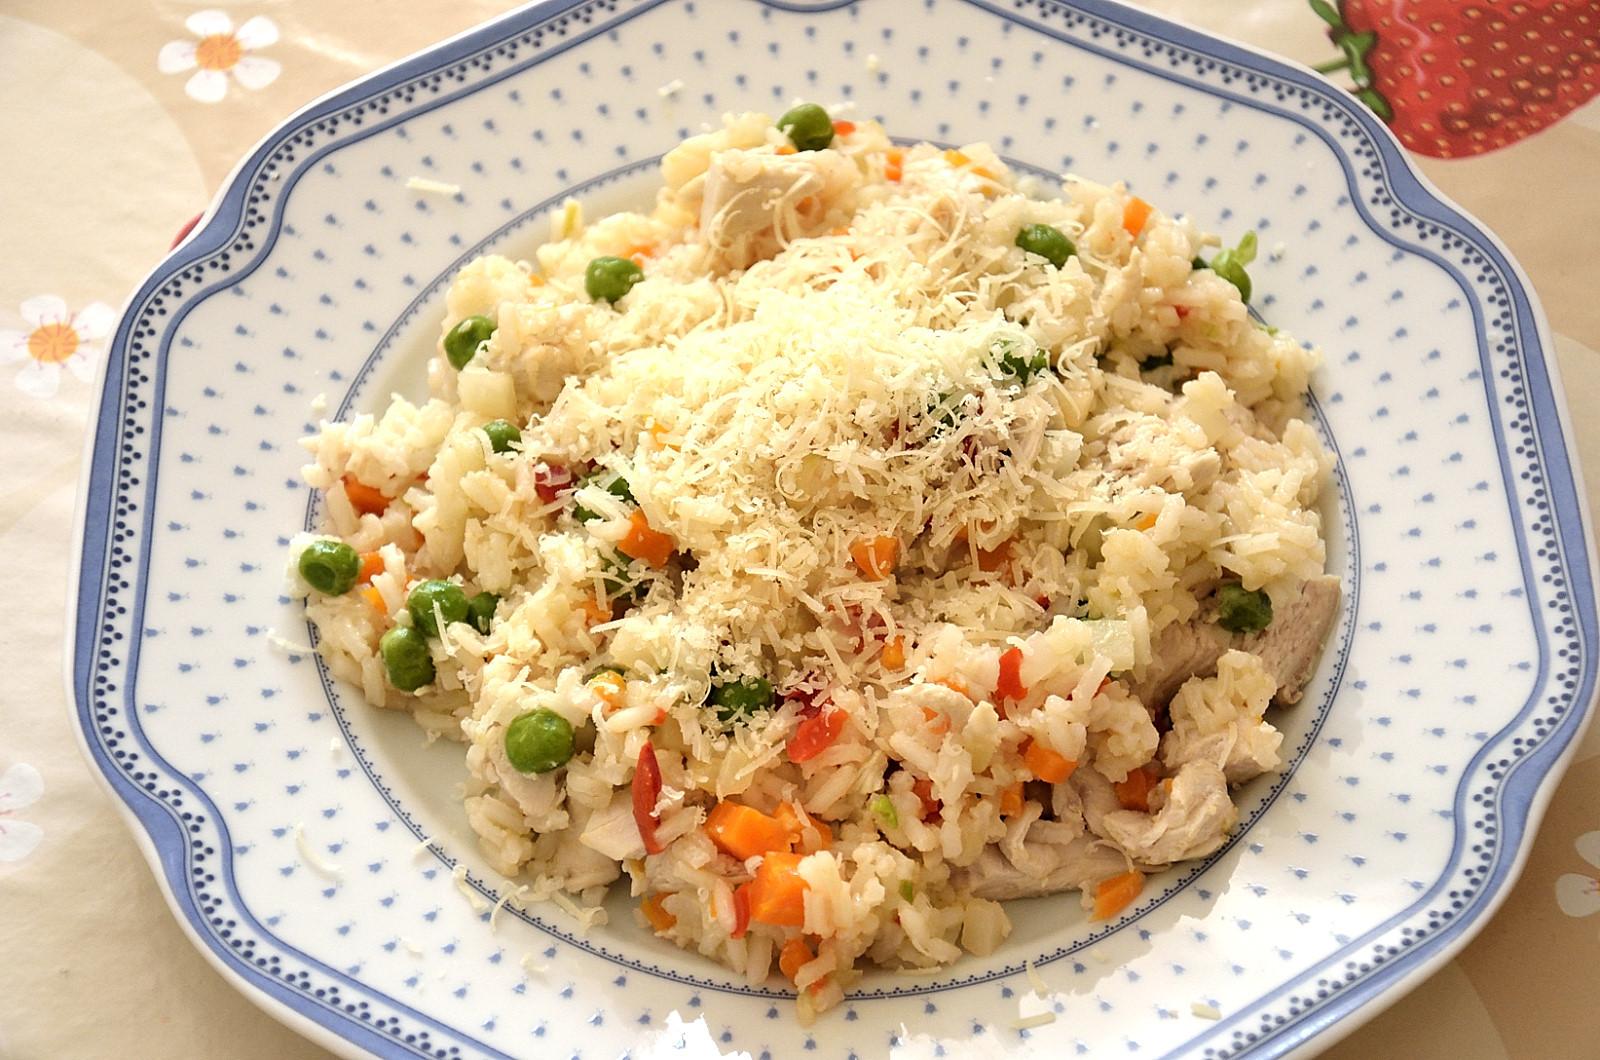 Zeleninové rizoto s kuřecím masem po česku